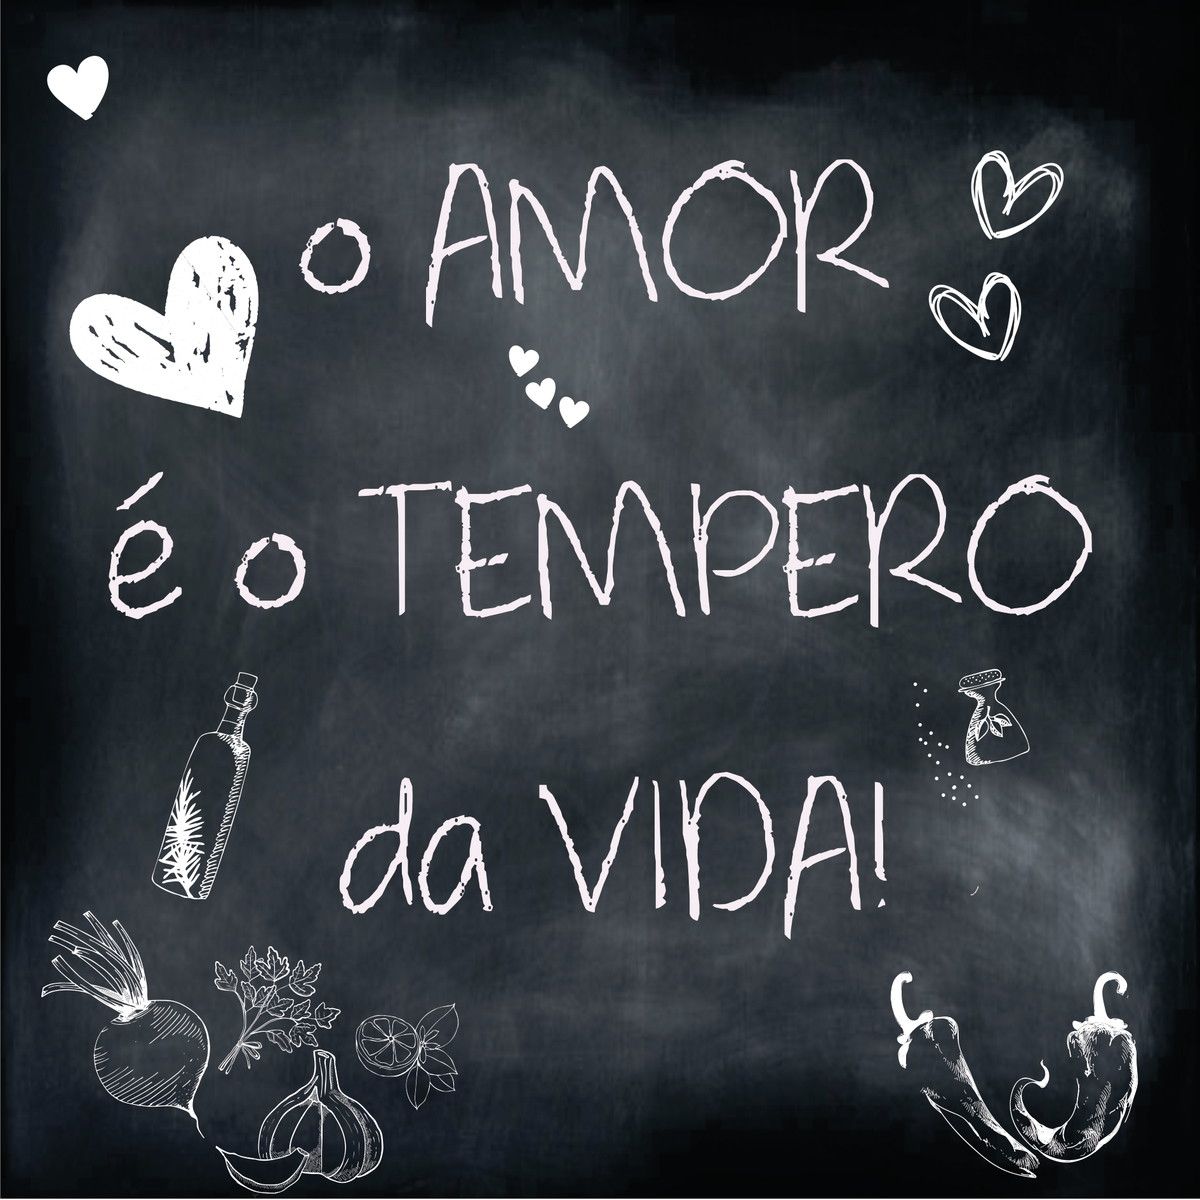 O amor é o tempero da vida!